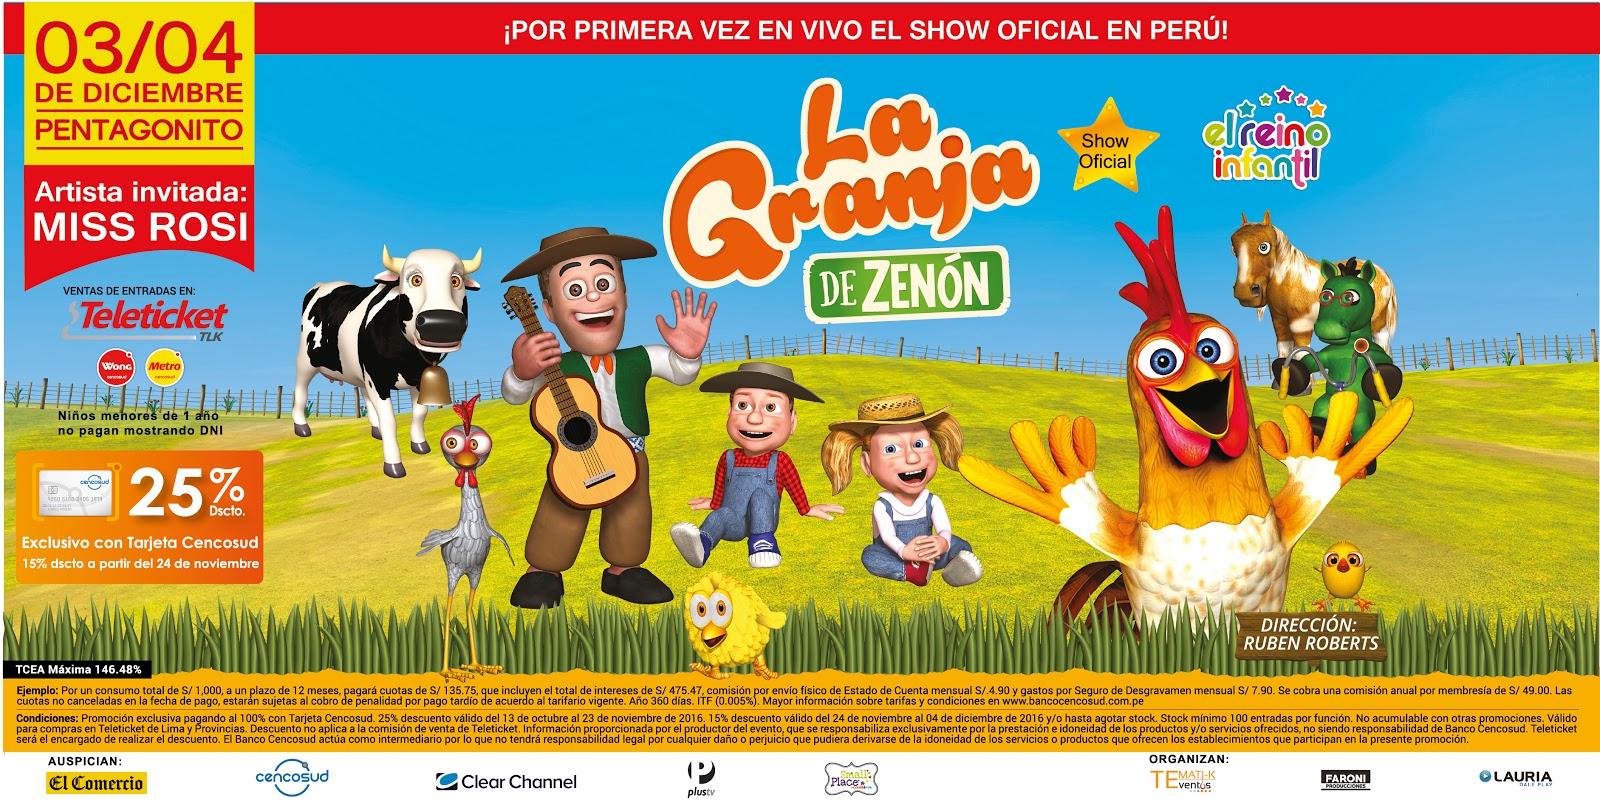 Aymama El Blog Show De La Granja De Zenon